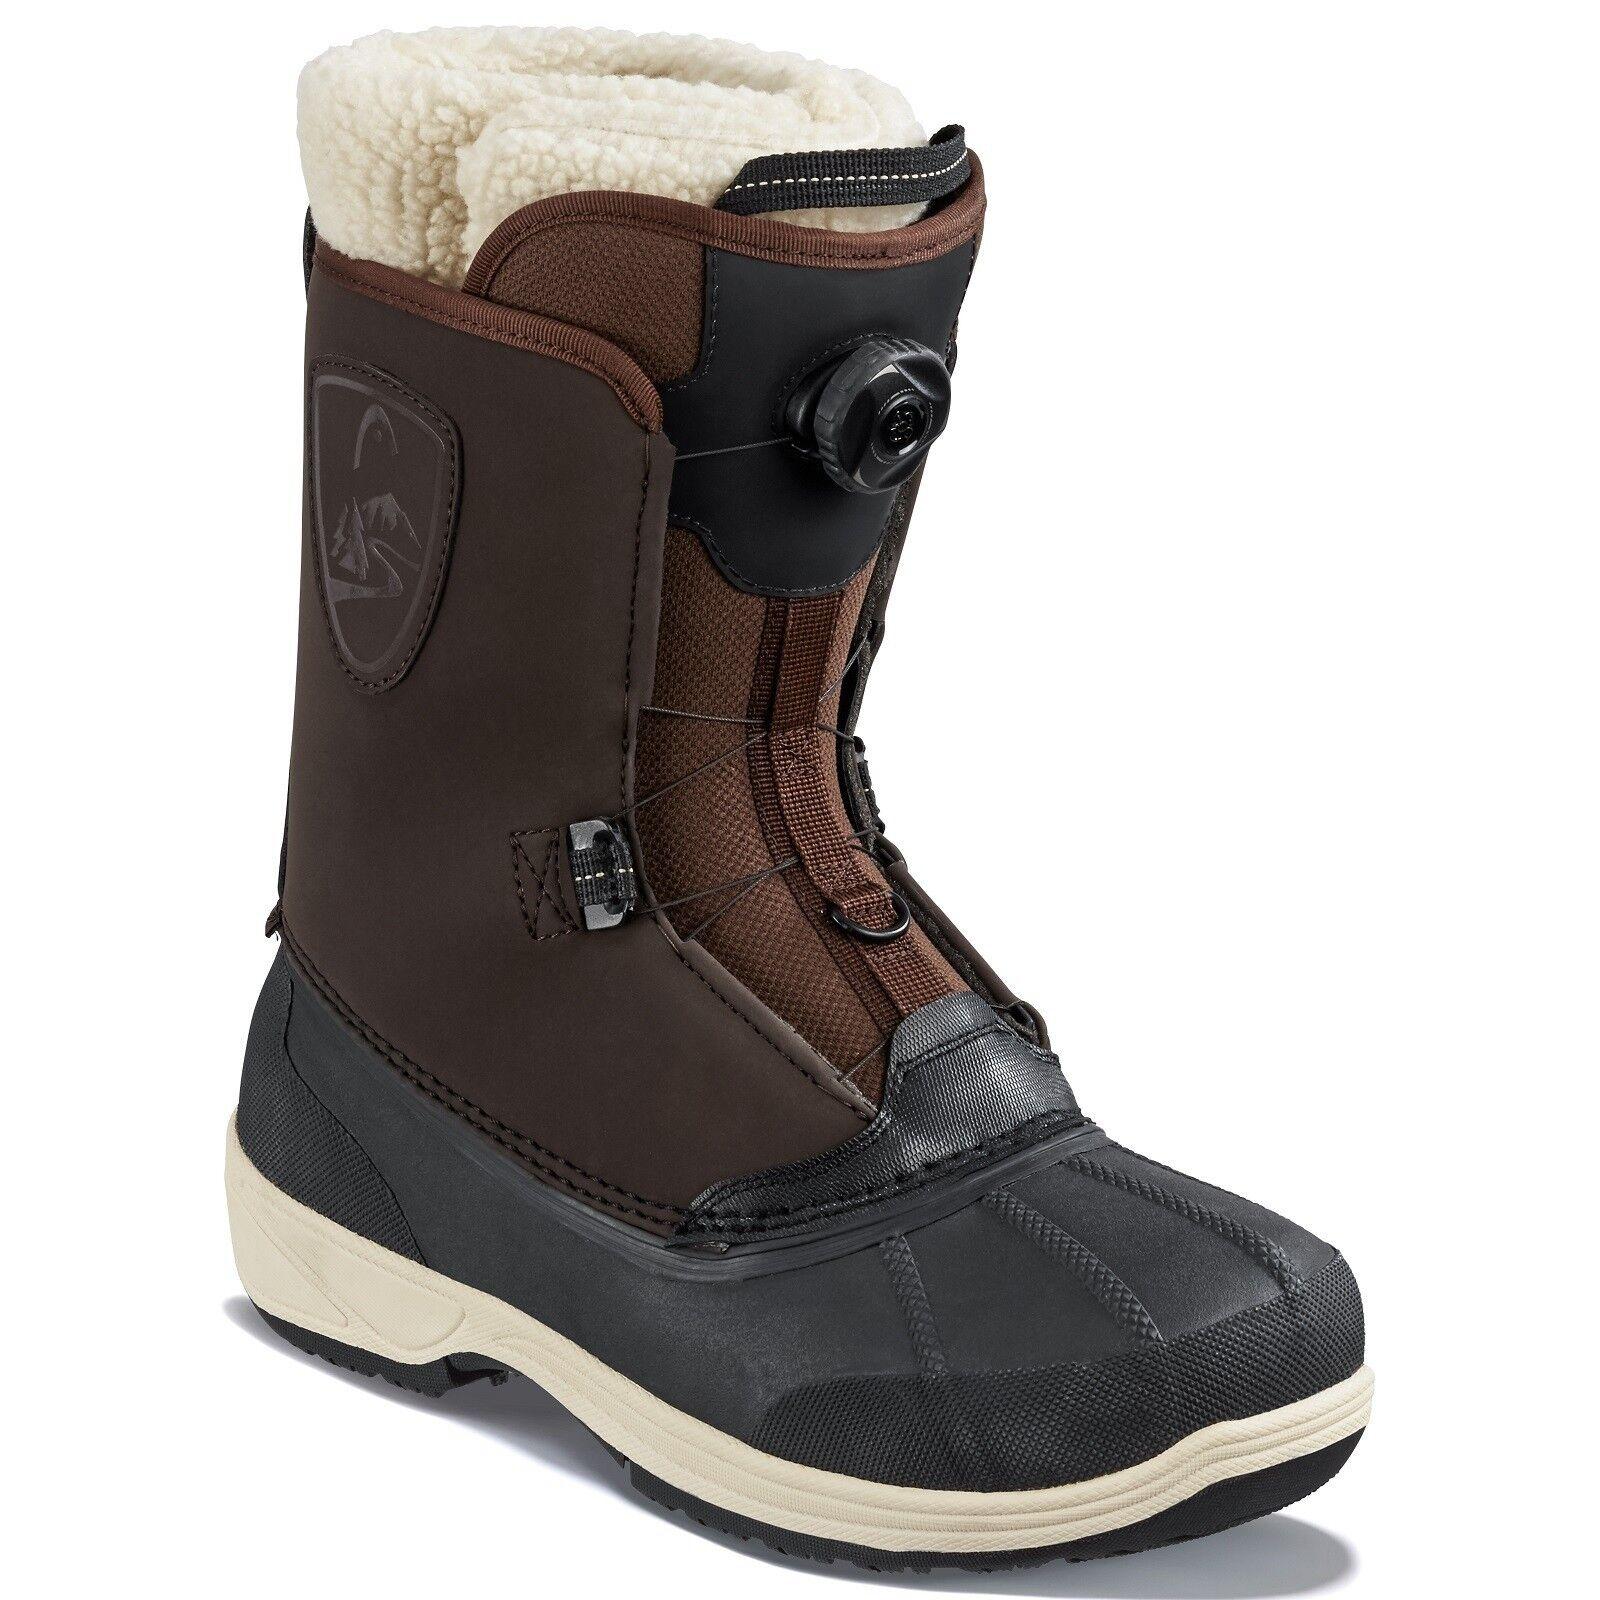 WinterStiefel -- Snowboard Stiefel Head Operator BOA Größe 26,5 Modell 18 19 Neuware